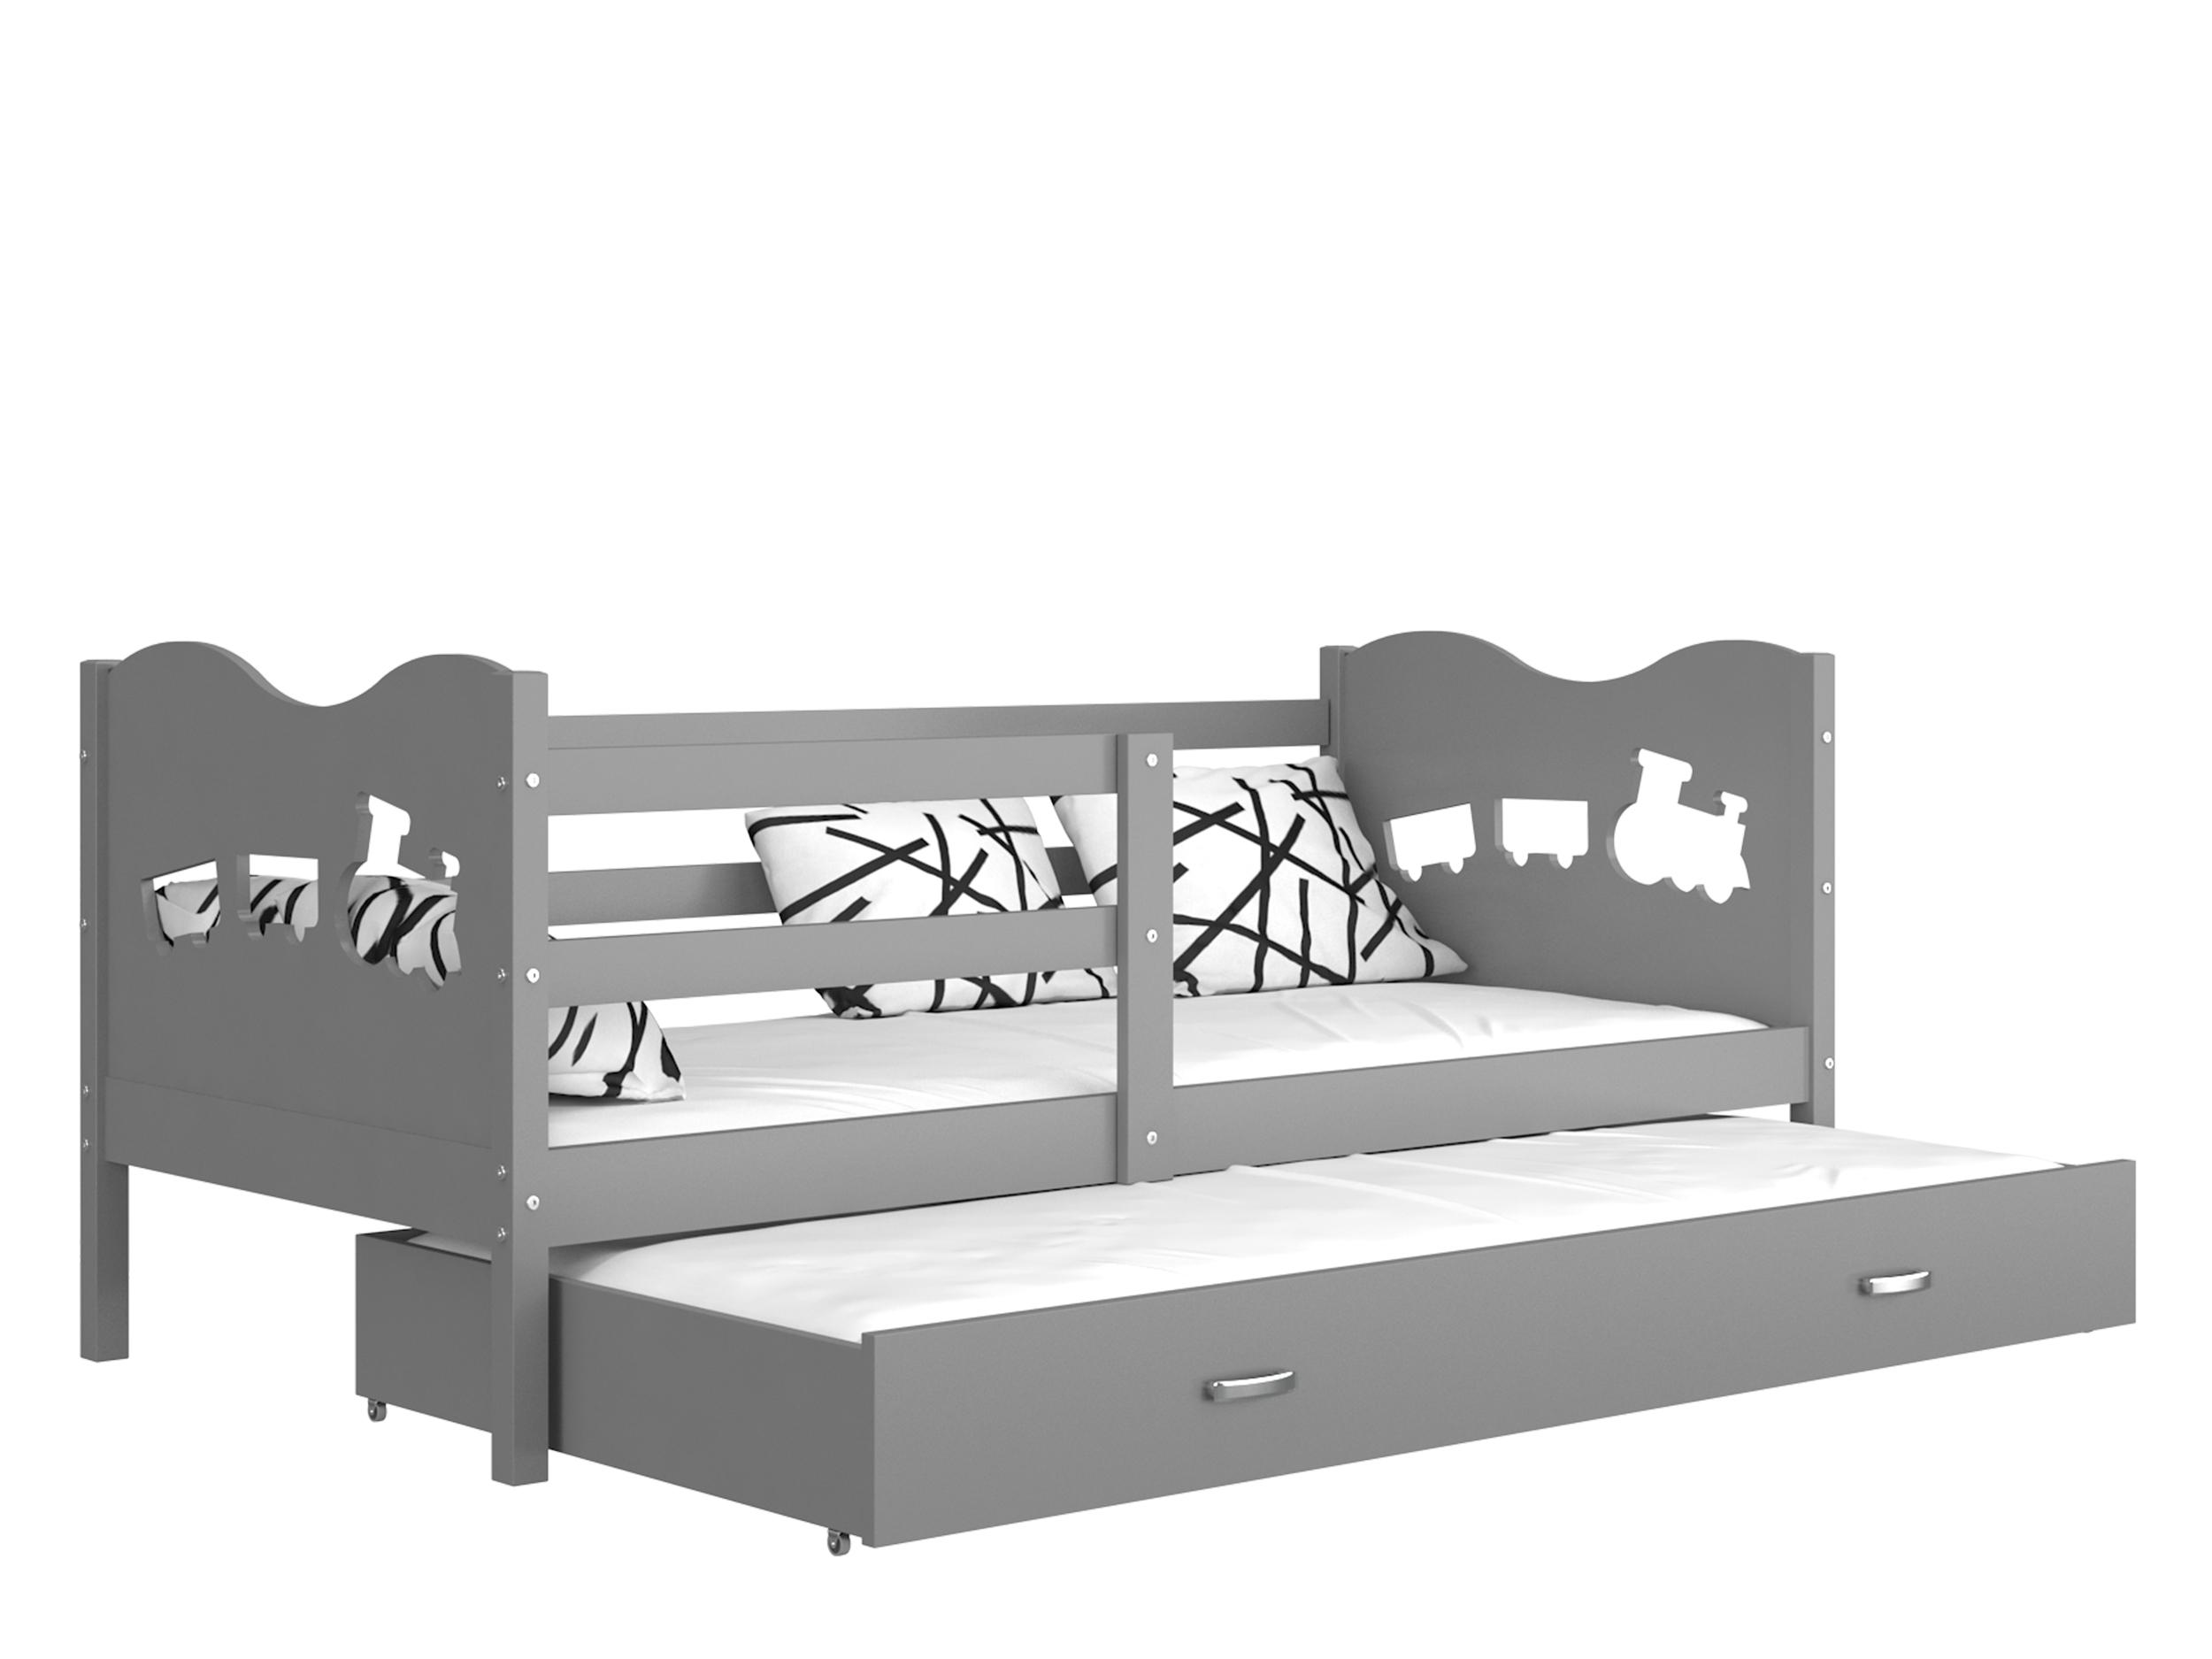 ArtAJ Detská posteľ MAX P2 / MDF 200 x 90 cm Farba: Sivá / sivá 200 x 90 cm, s matracom